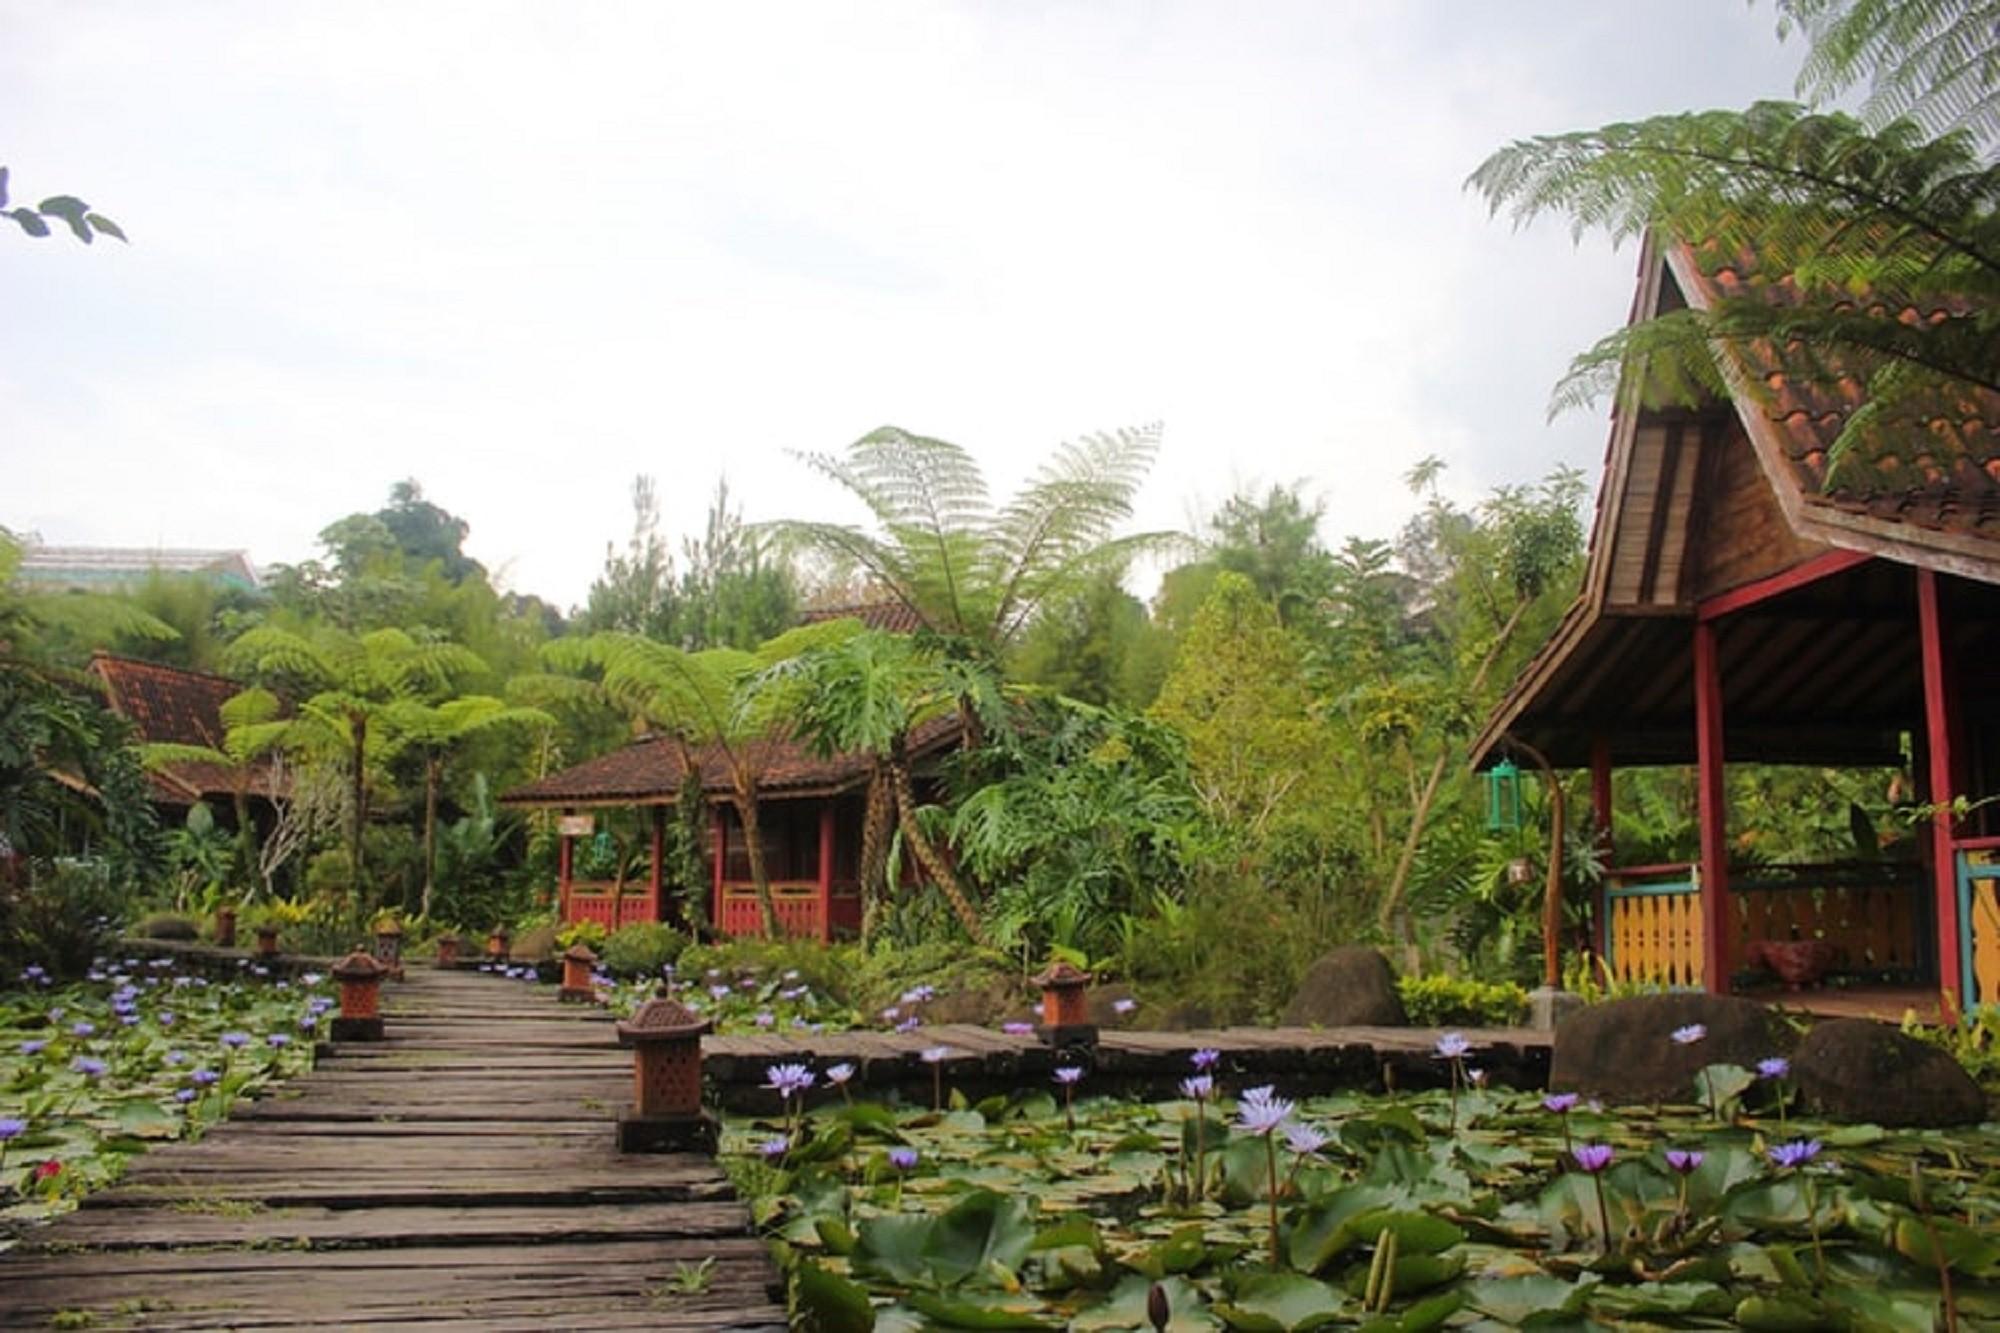 Inspirasi Arsitektur Tradisional Dari Rumah Adat Jawa